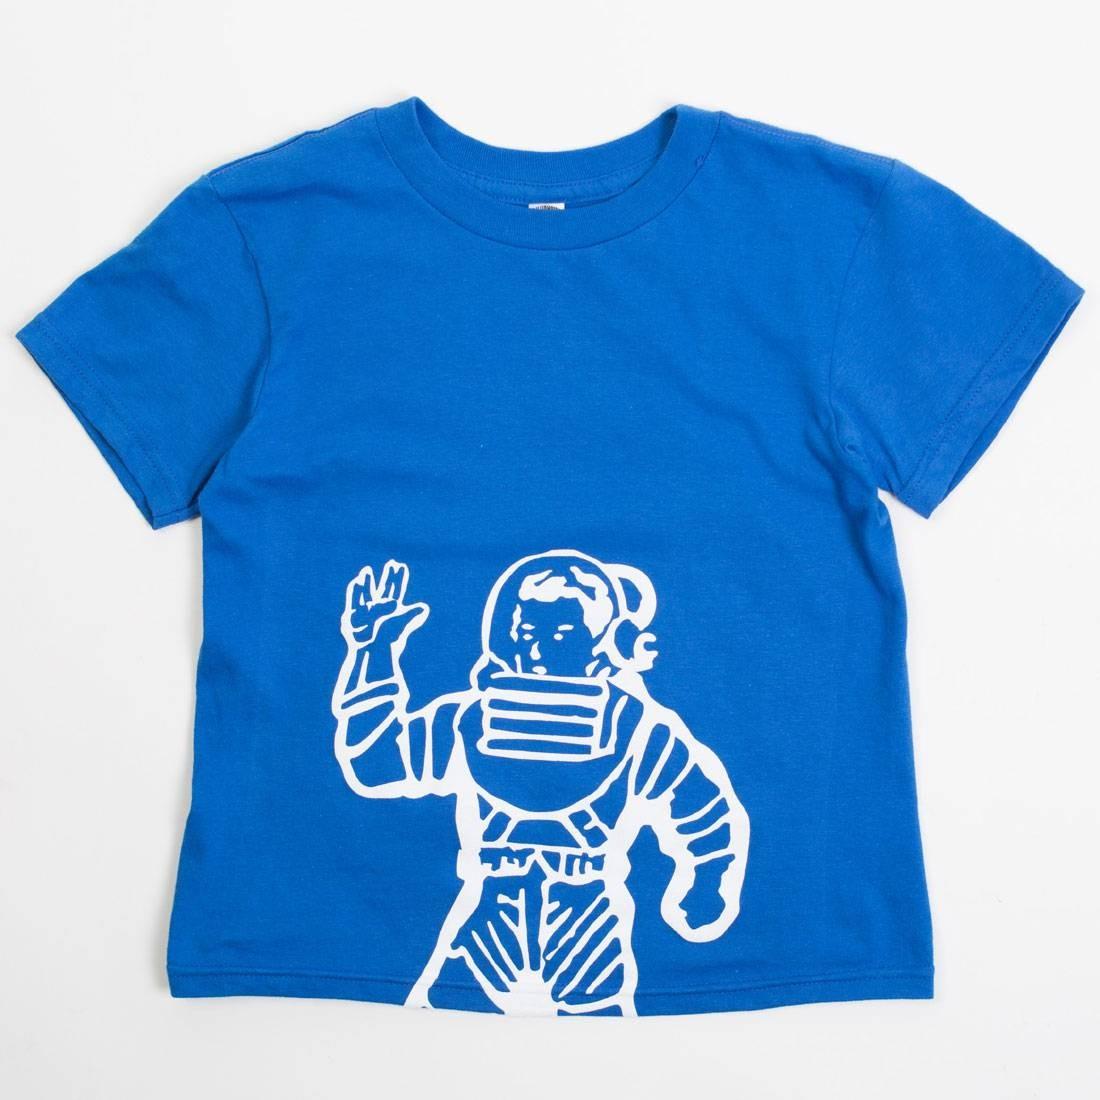 Billionaire Boys Club Youth Astronaut Tee (blue / royal)